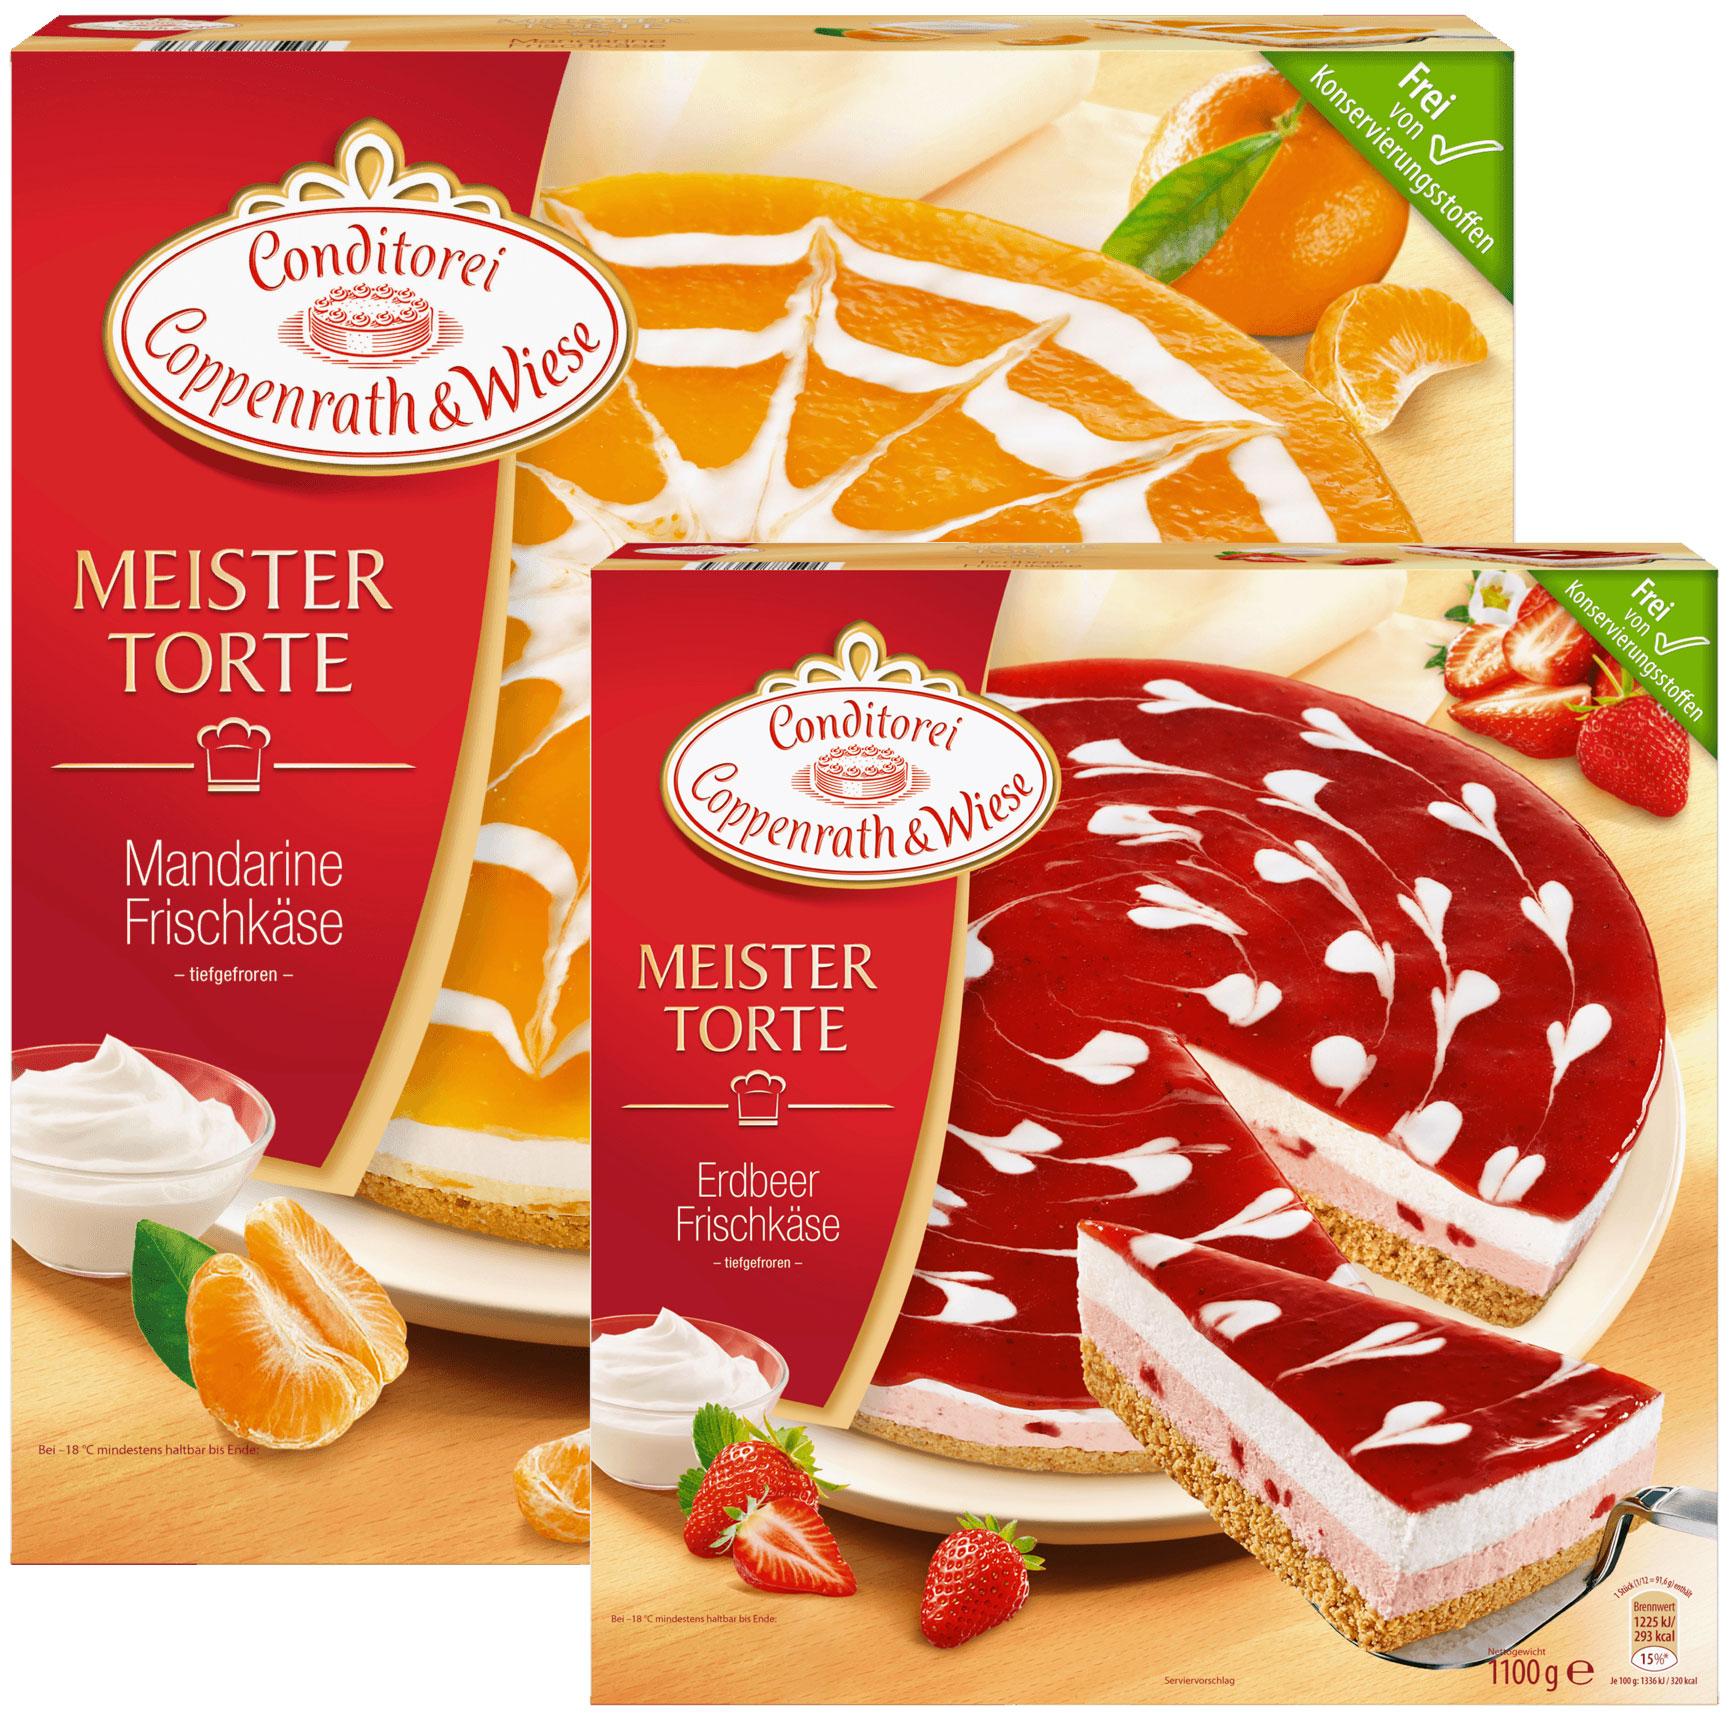 C&W Meistertorte Frischkäse-Erdbeere oder Mandarine (1100g) (regional / lokal) + bei Frostkauf 2,79€ + bei Eiskönig 2,99€ + bei Jawoll 3,49€